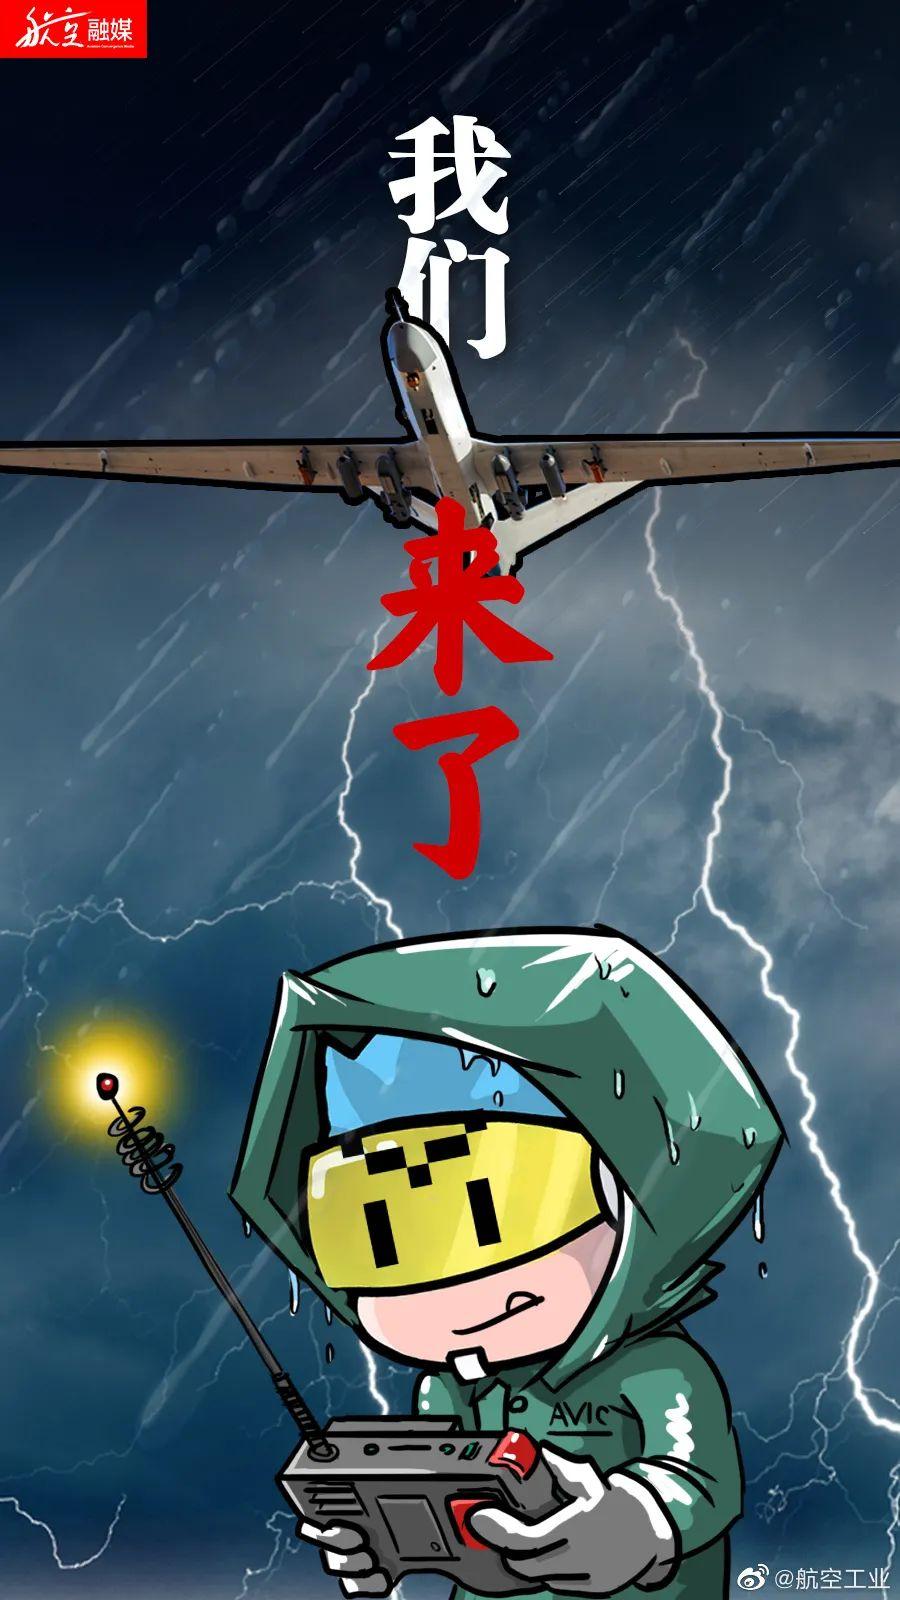 """联系上了!""""翼龙无人机抵达你镇上空"""""""